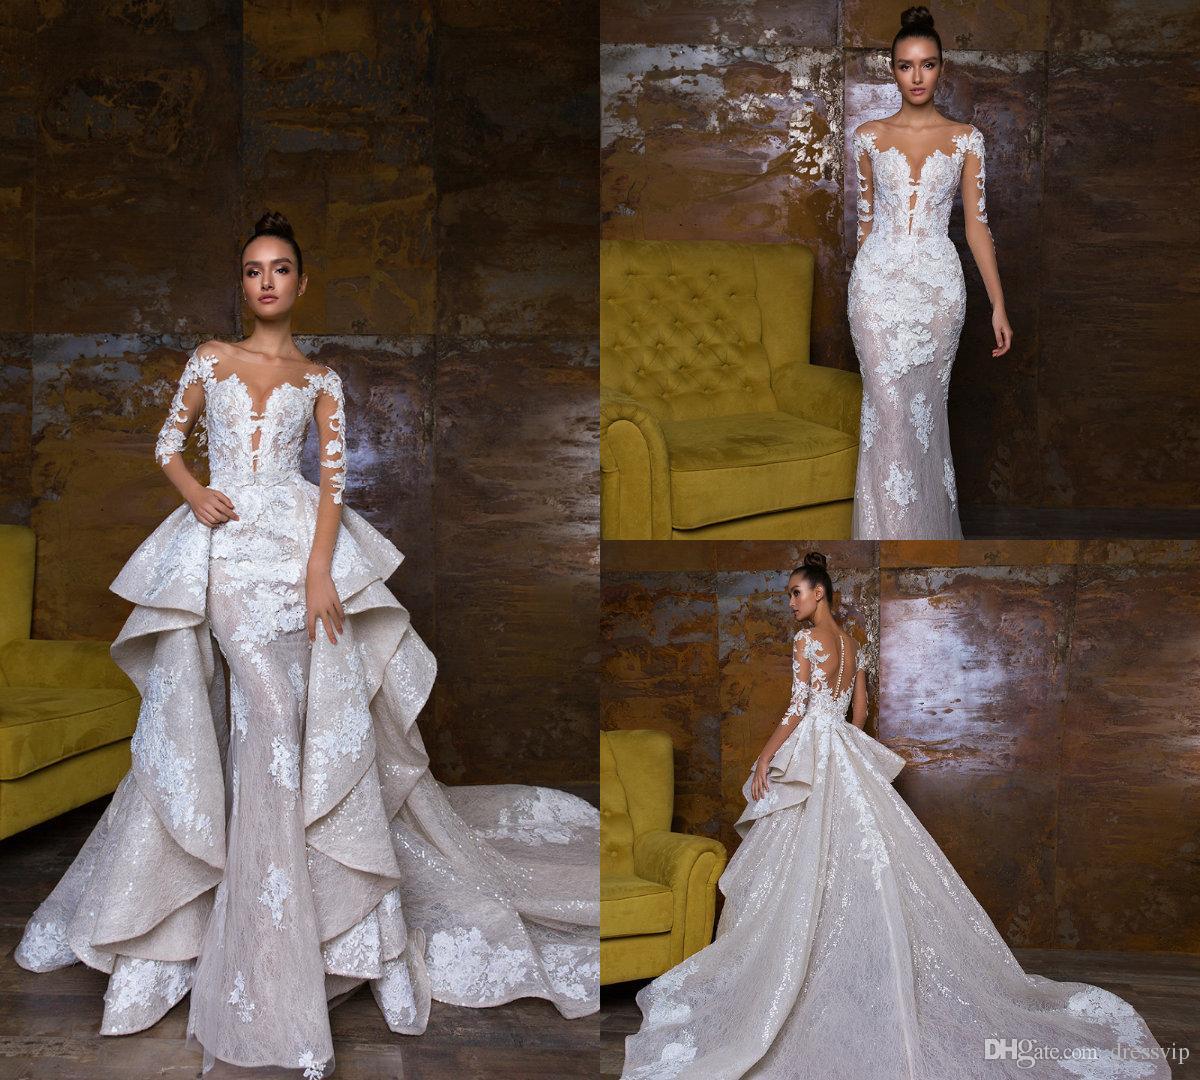 971230066cb0 Acquista 2018 Bohemian Wedding Dresses With Gonna Staccabile Sweep Train  Lace Applique Paillettes Manica Lunga Abito Da Sposa Di Lusso Mermaid Abiti  Da ...